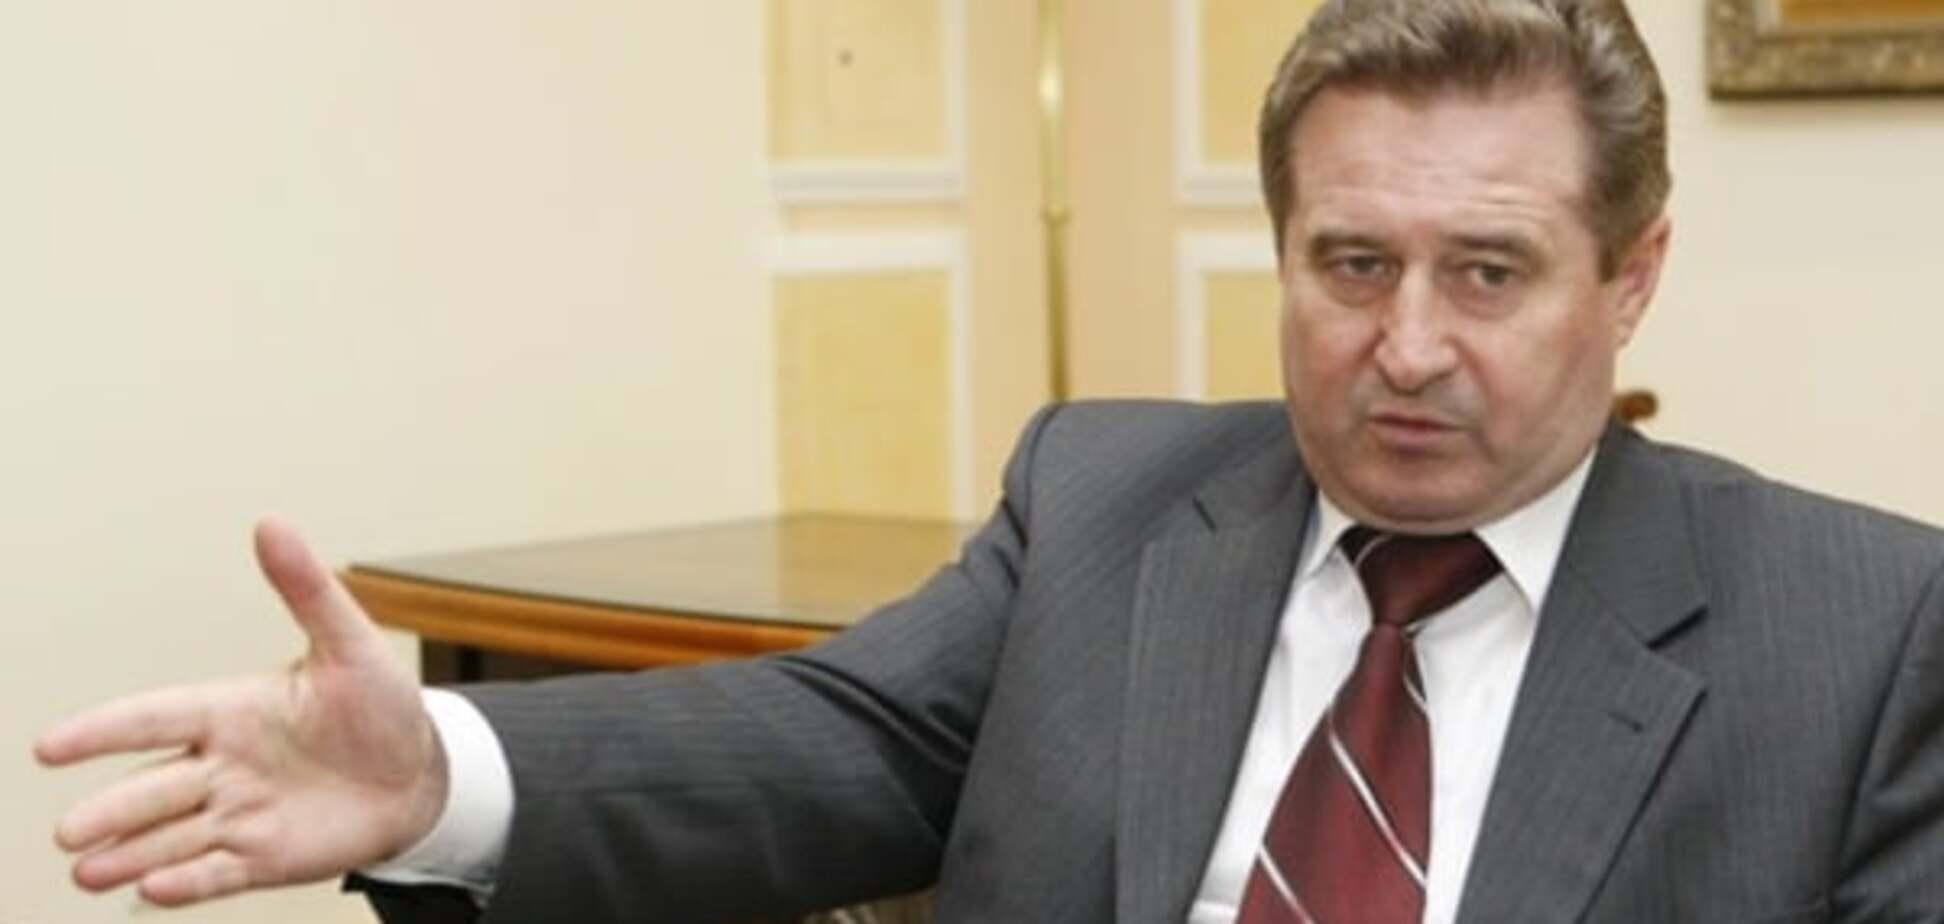 Люди в масках ворвались в дом и избили экс-министра транспорта Украины